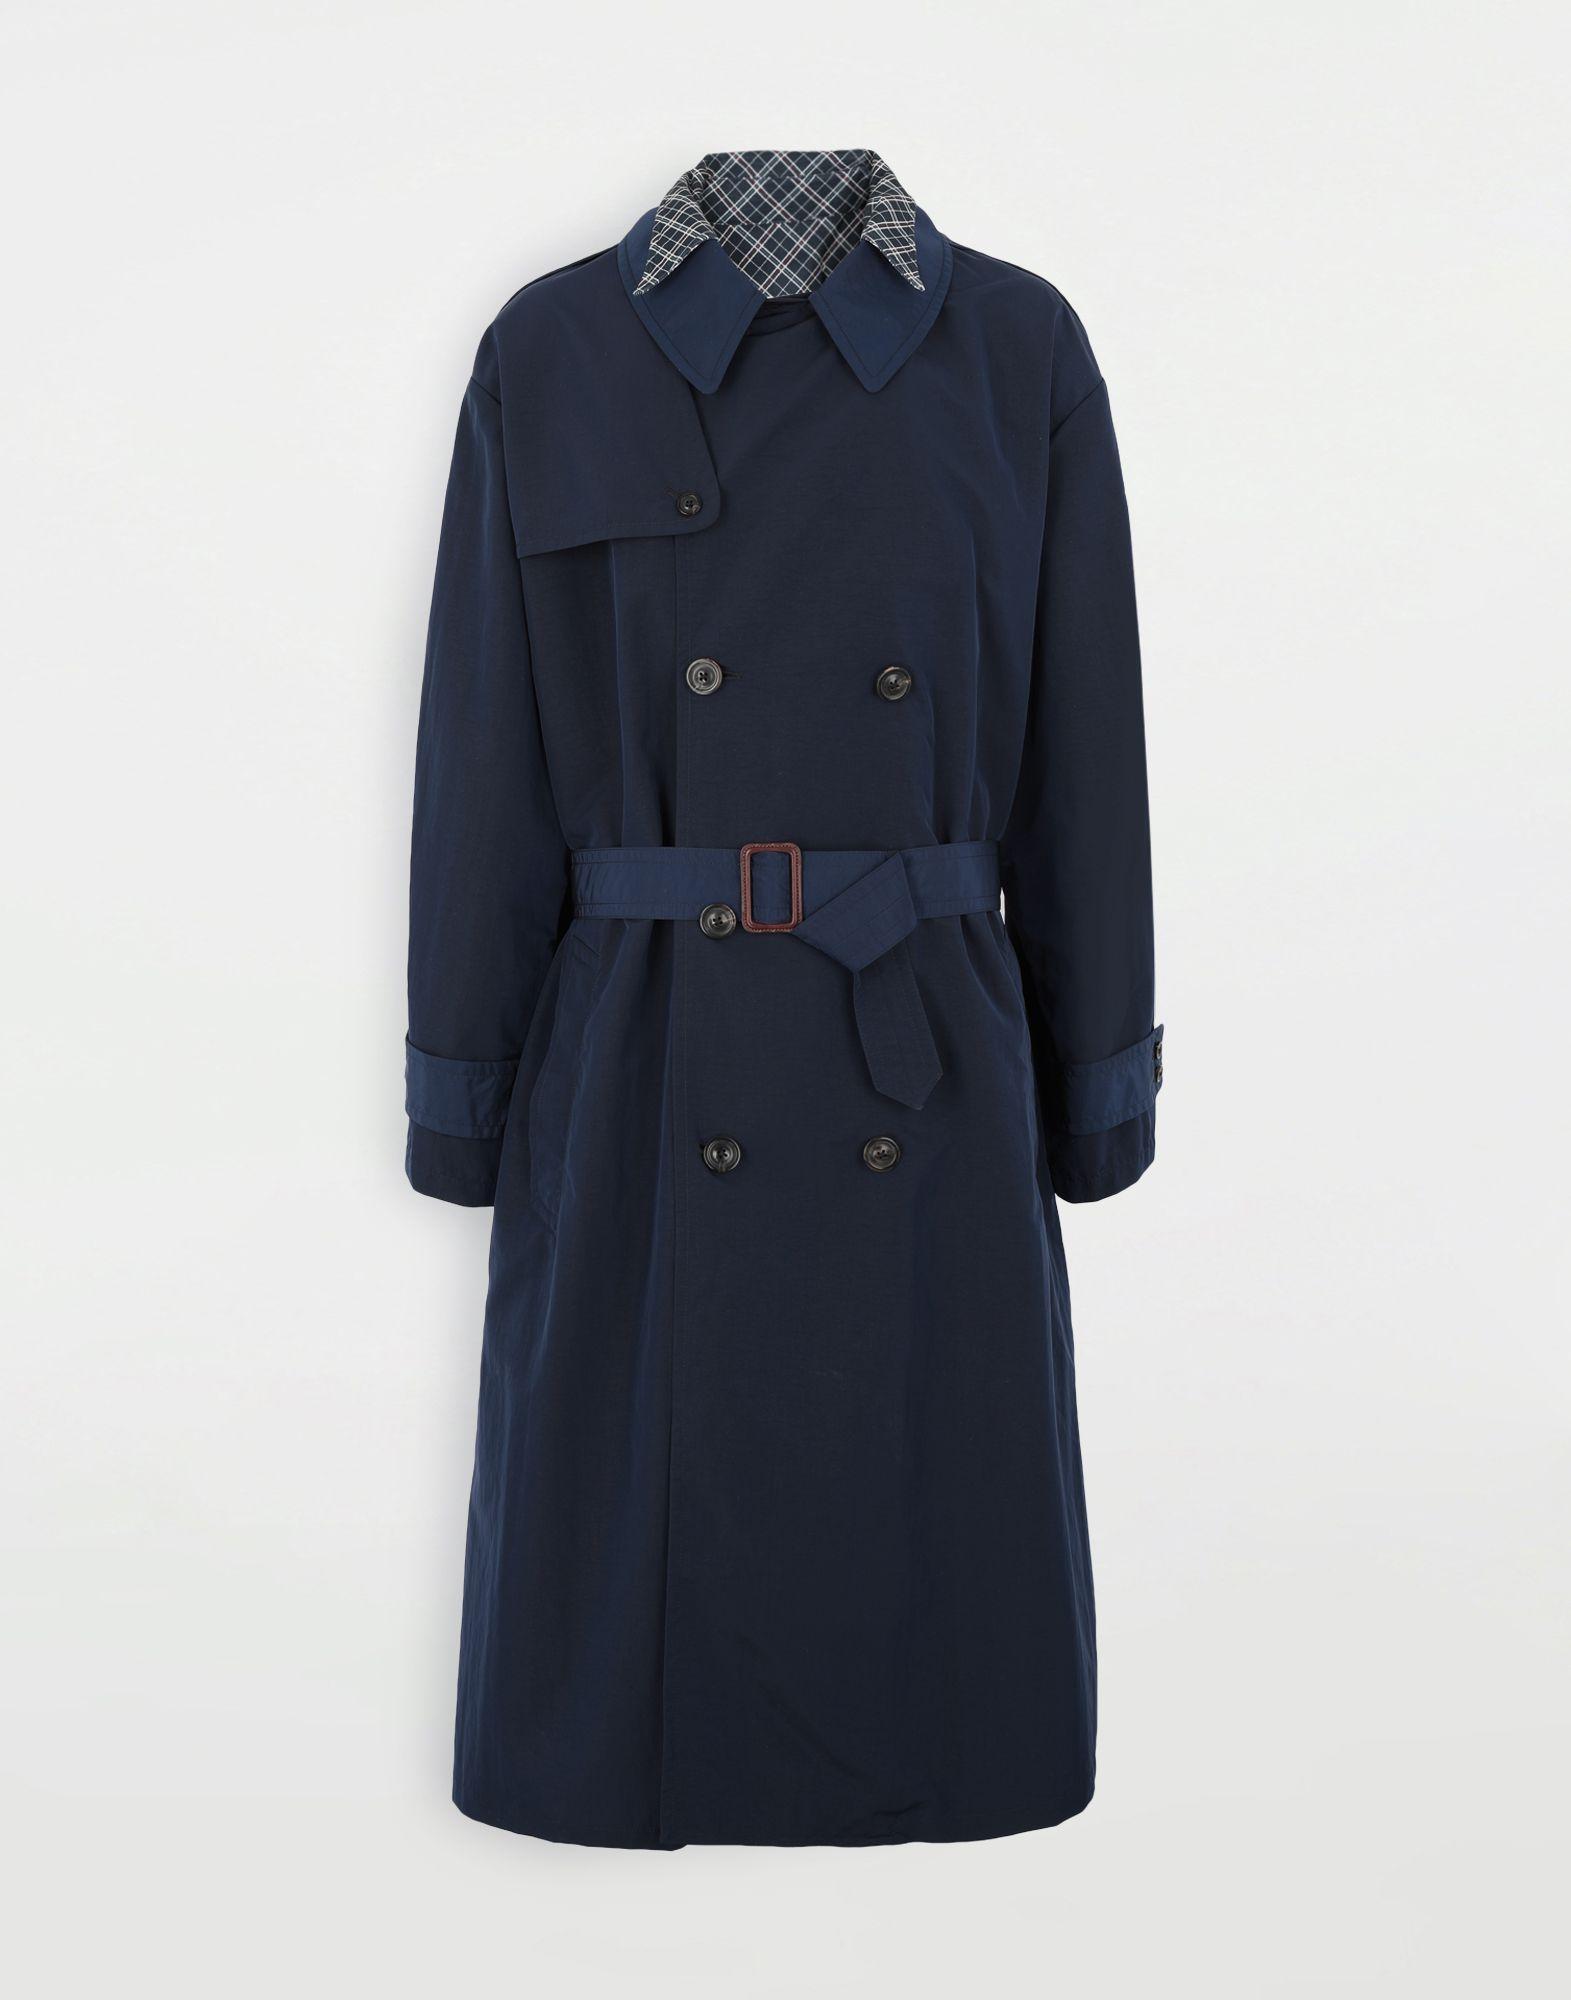 MAISON MARGIELA Manteau à chemise intégrée en nylon tonique Pardessus Homme f